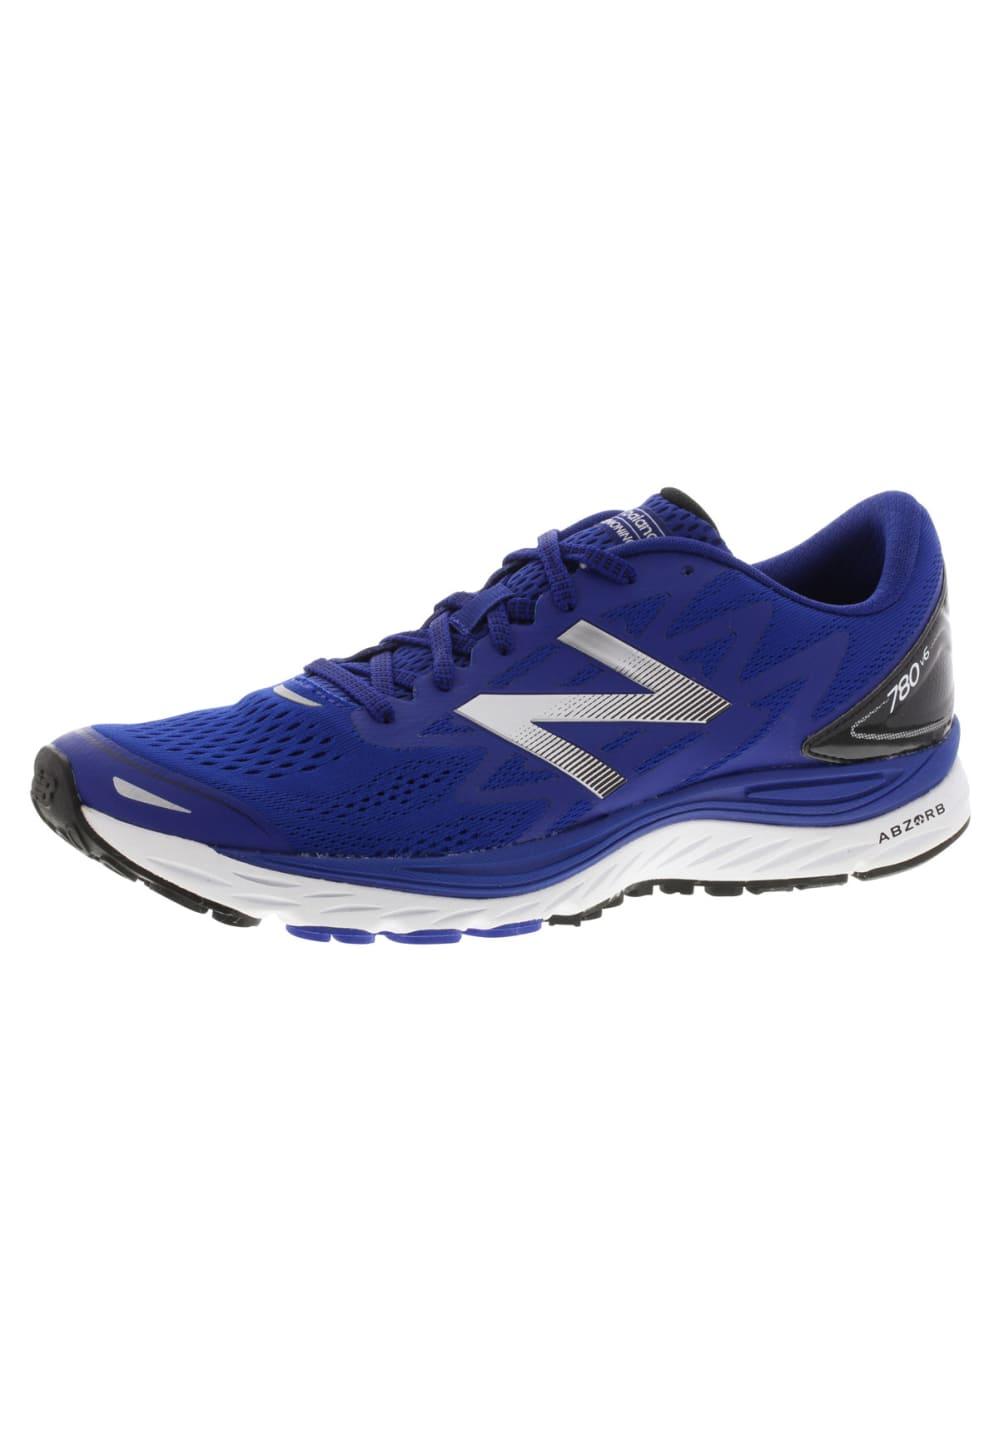 New Balance Solvi - Laufschuhe für Herren - Blau